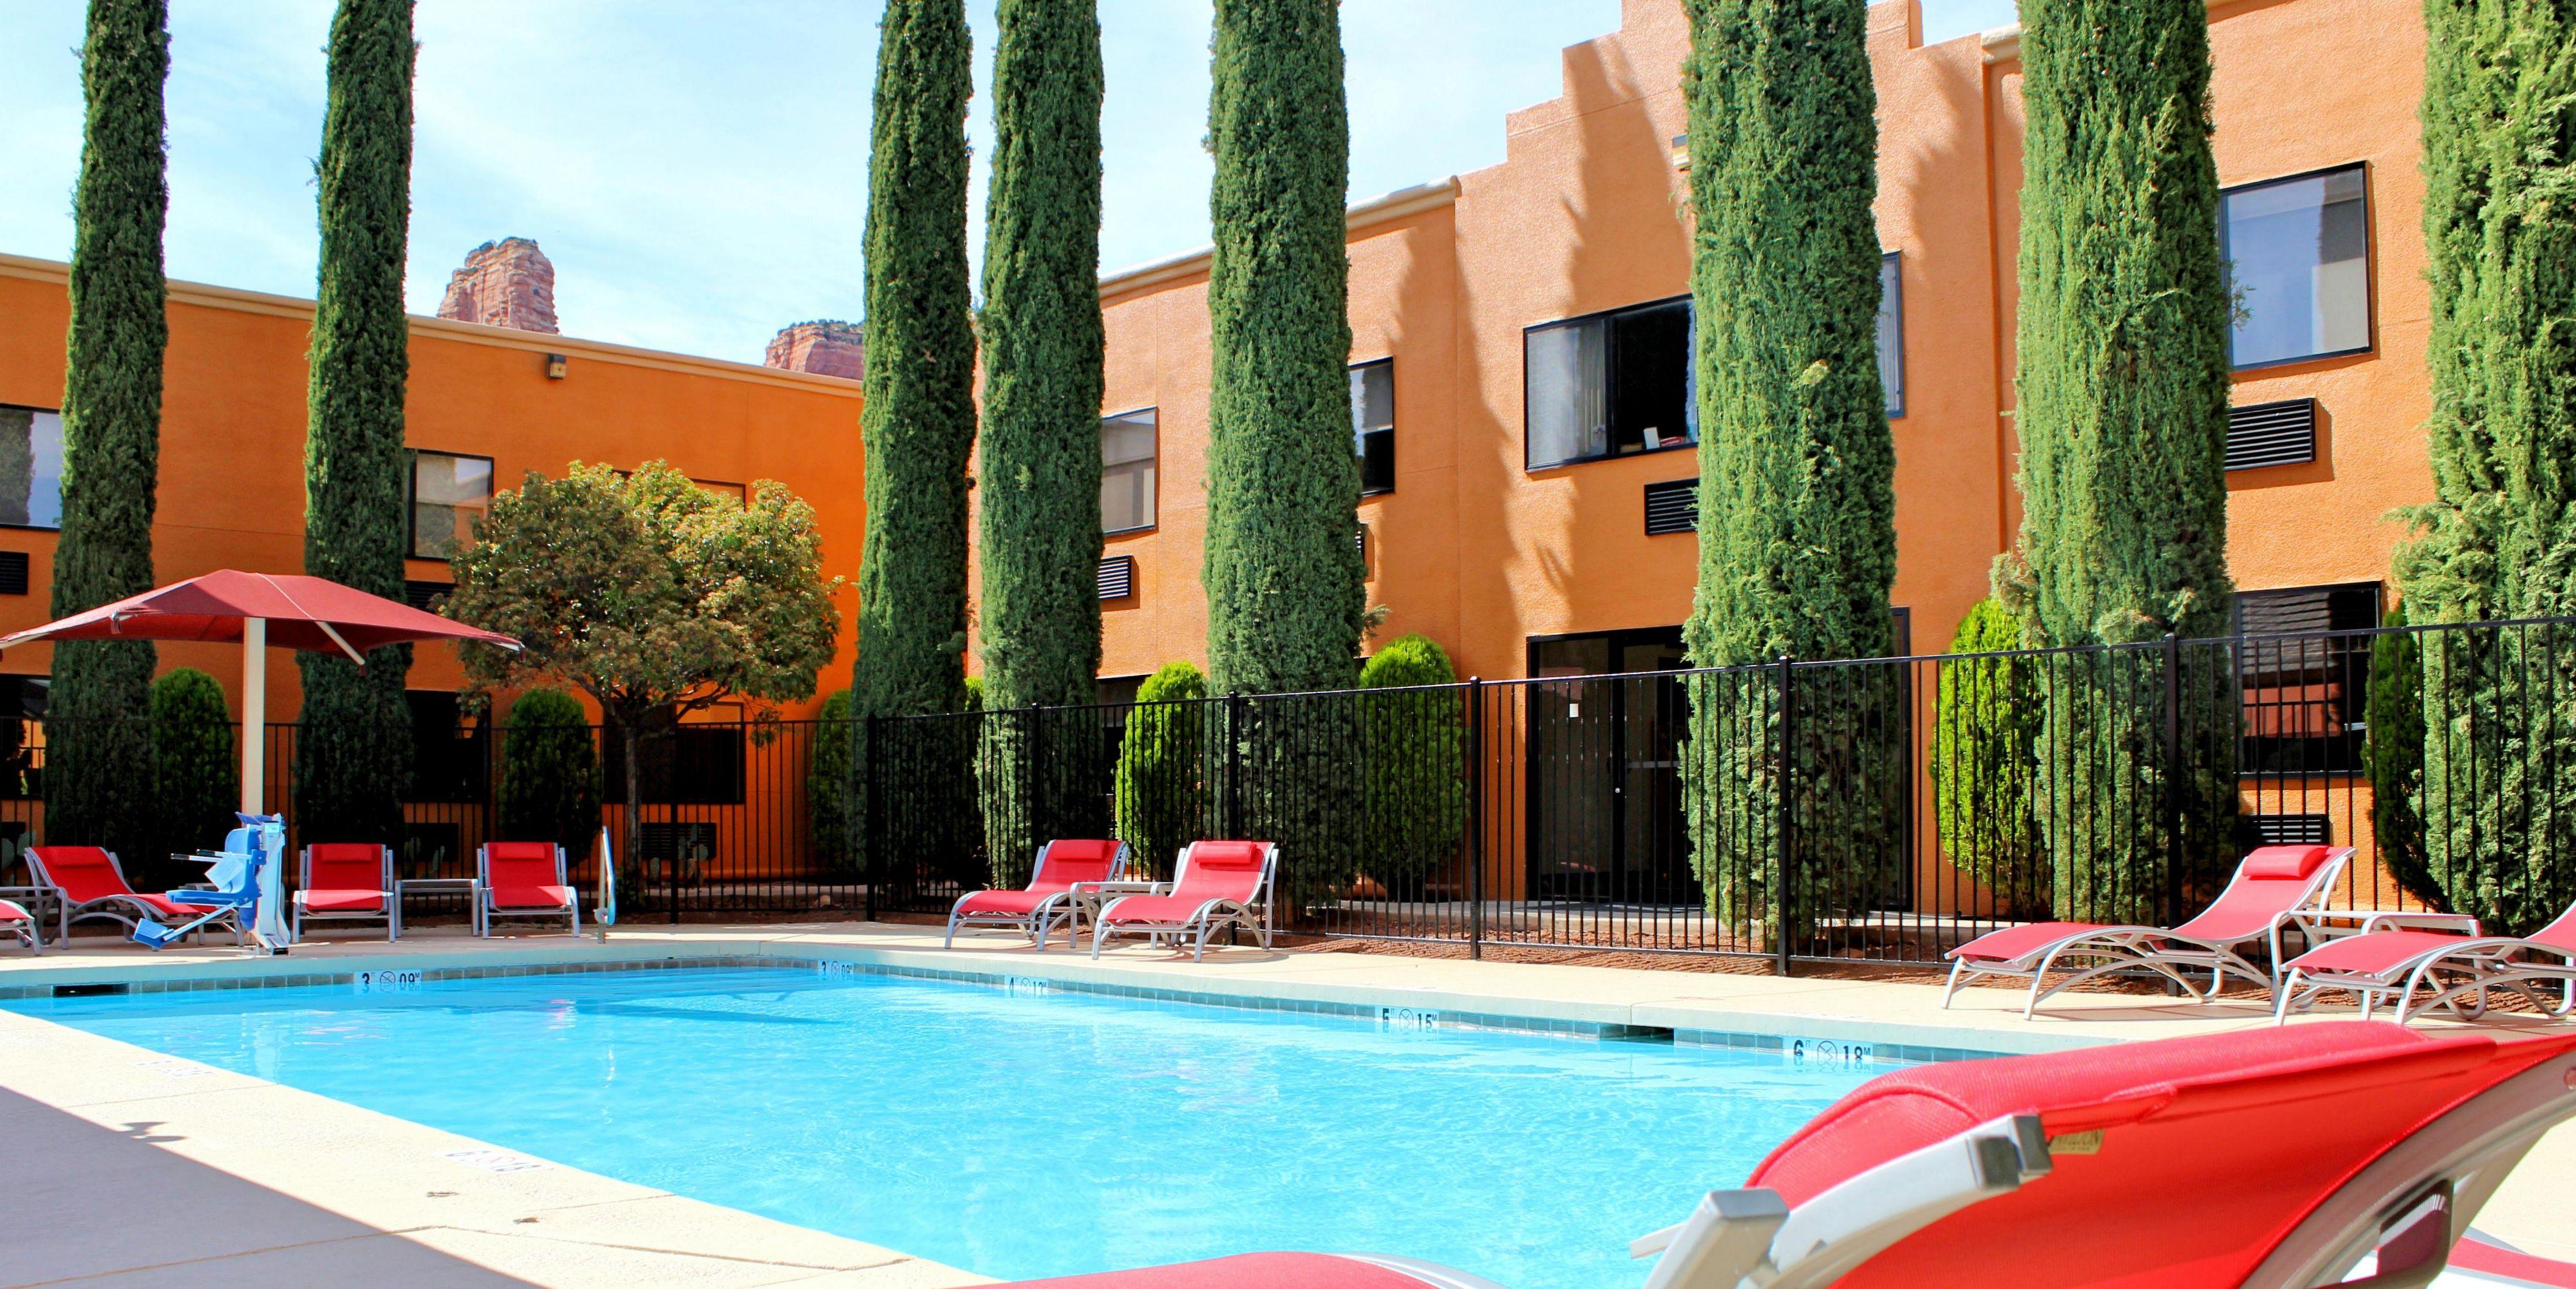 Holiday Inn Express Sedona 4419979592 2x1